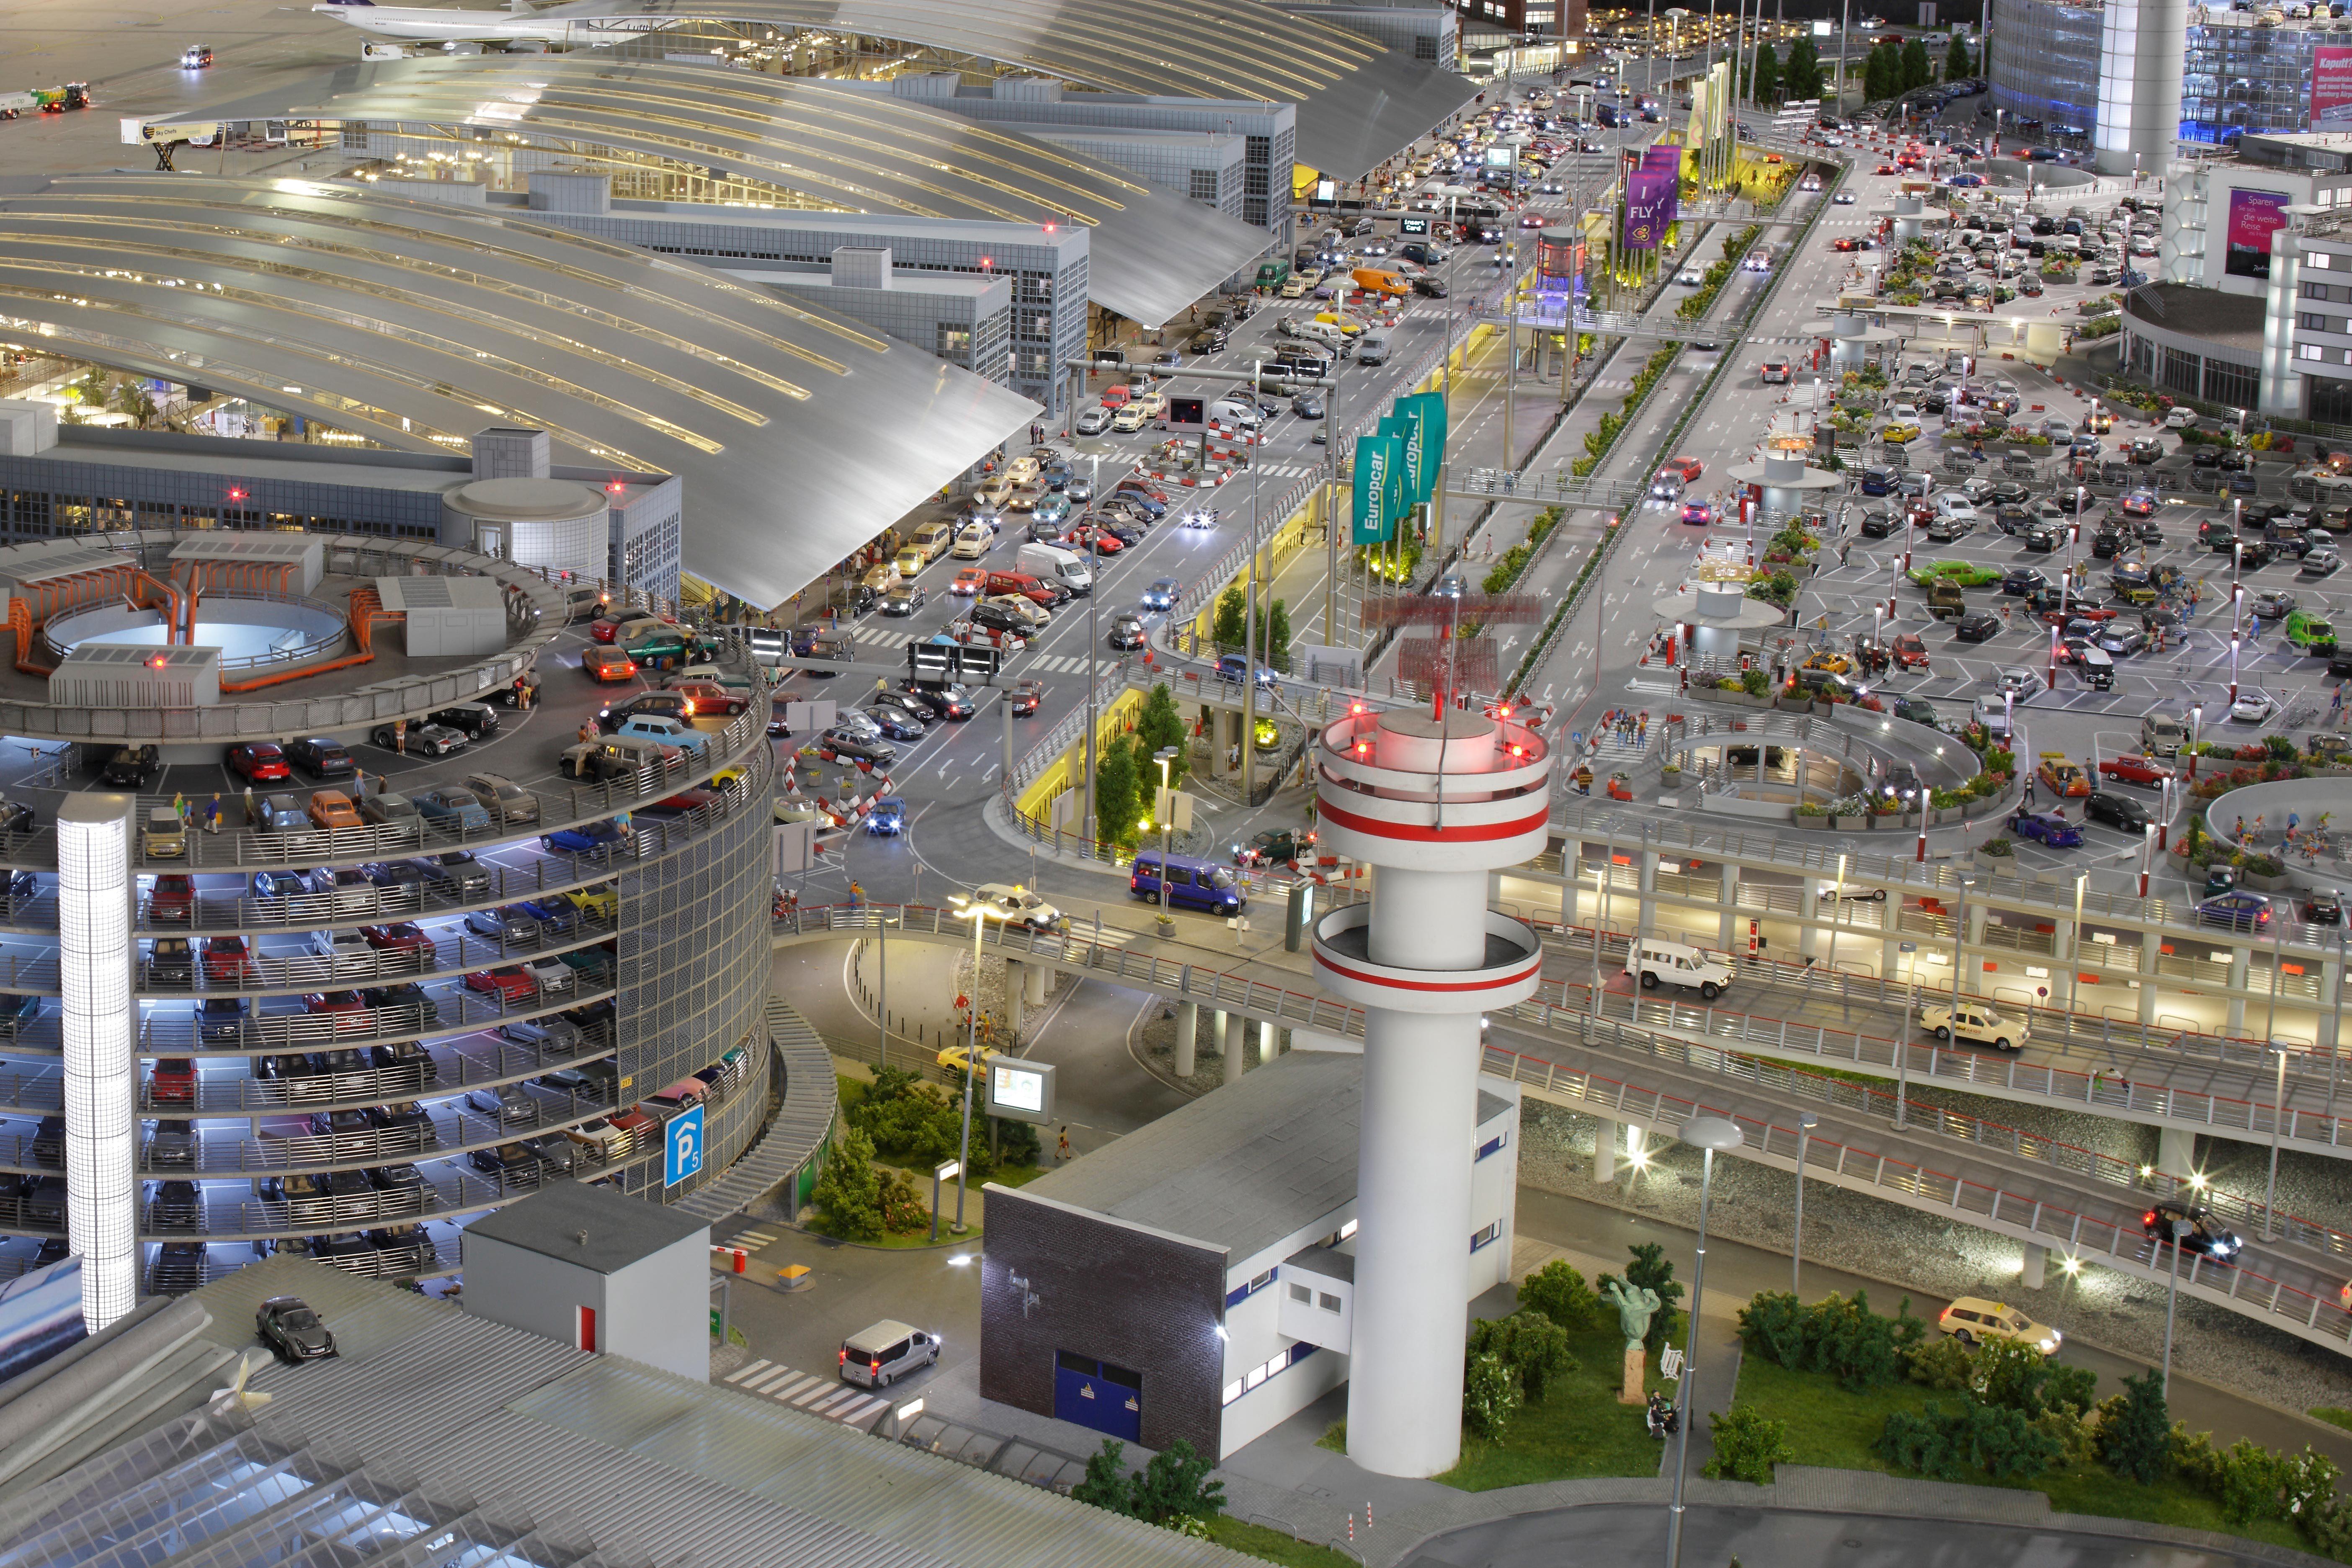 Miniatur Wunderland Hamburg | Knuffingen Airport